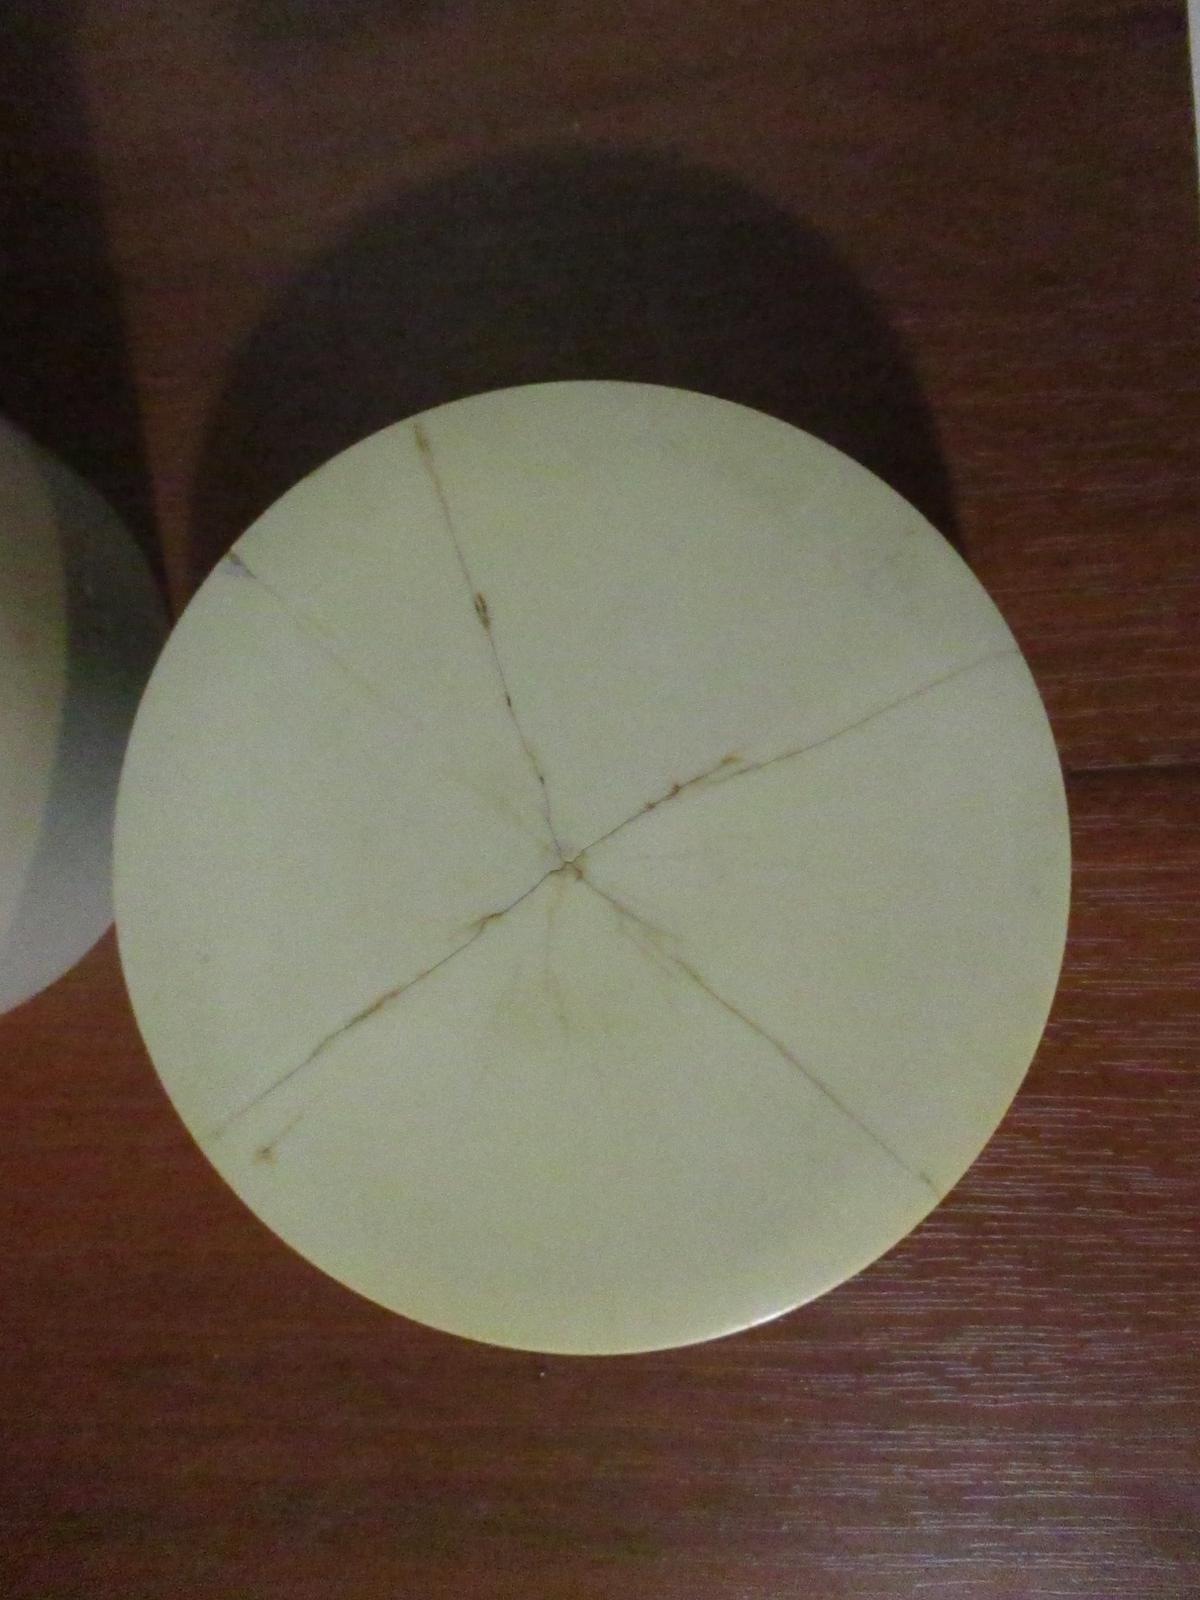 Veľká termoska - Obrázok č. 1